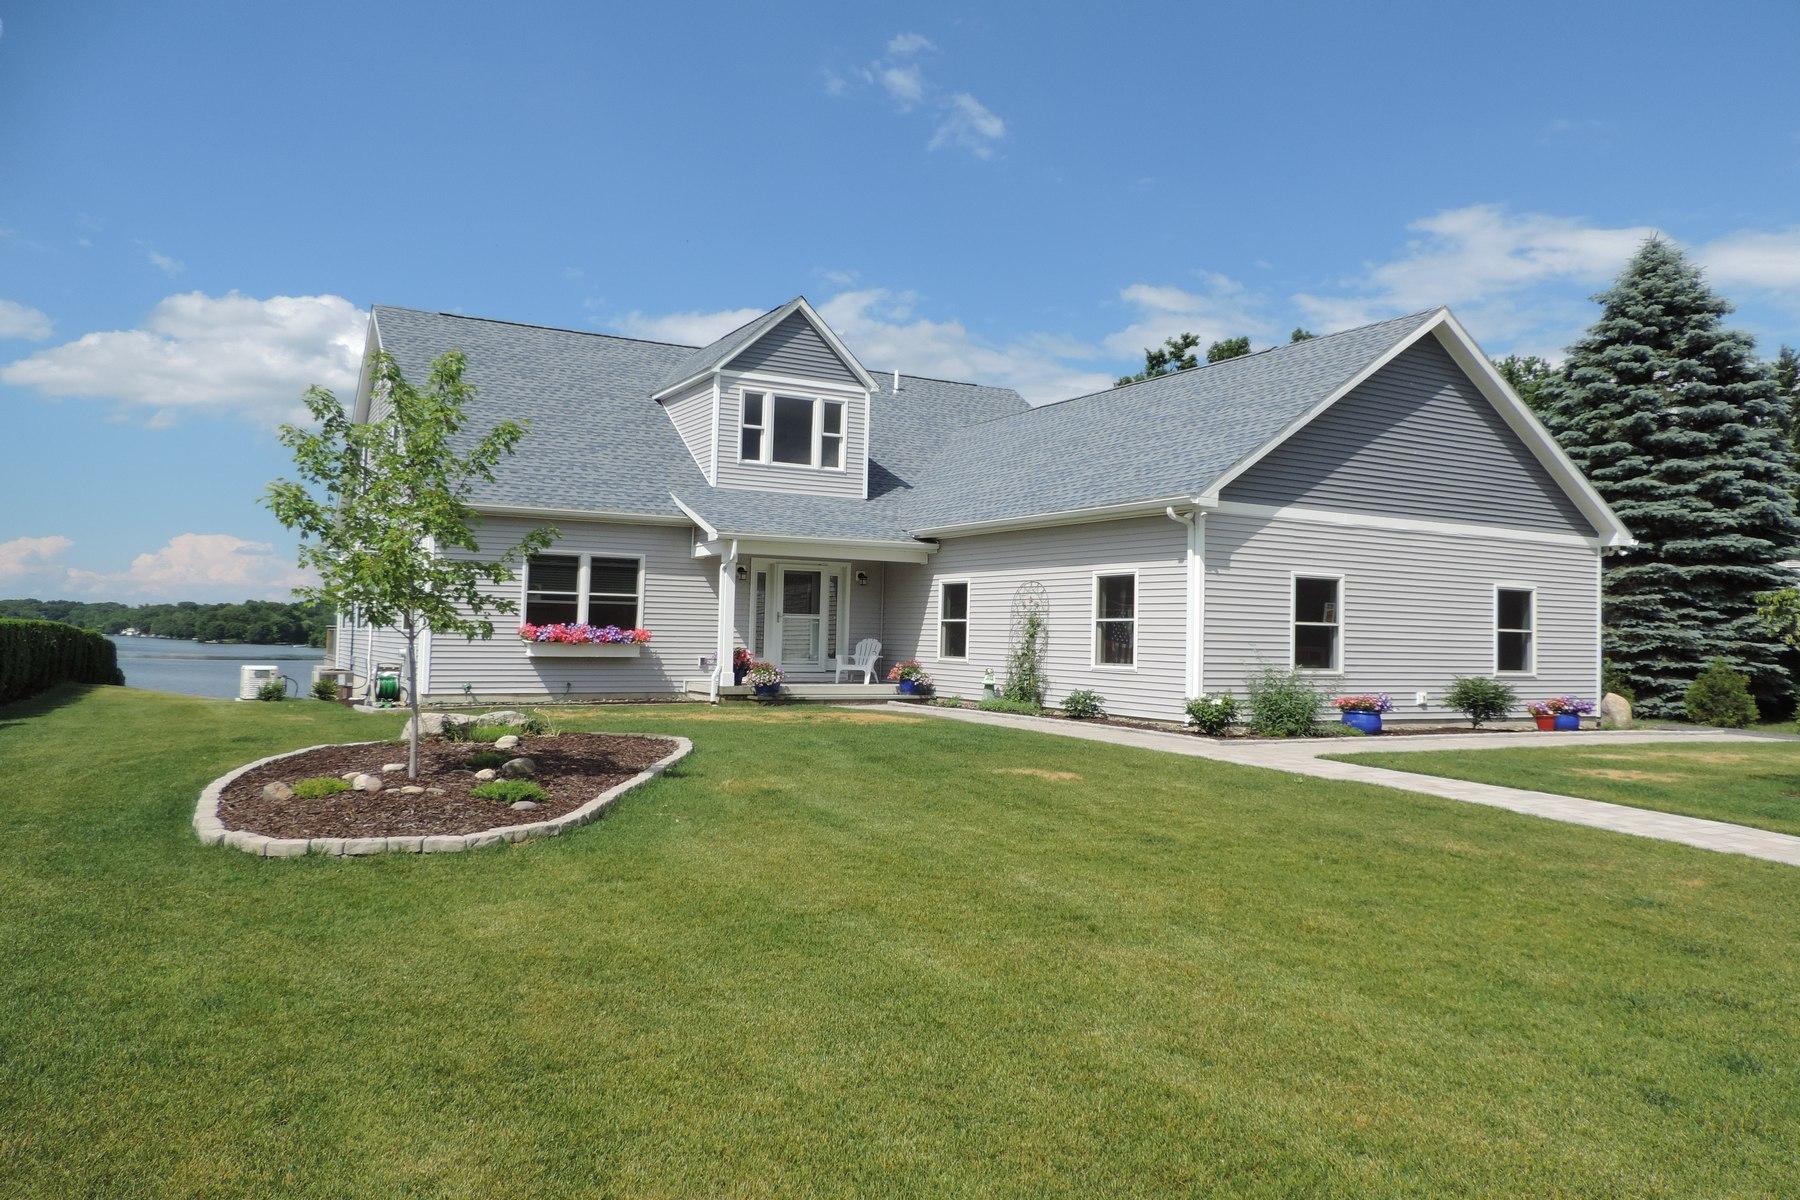 Maison unifamiliale pour l Vente à Cape at the Lake 14 Lakeview Drive Kinderhook, New York 12184 États-Unis